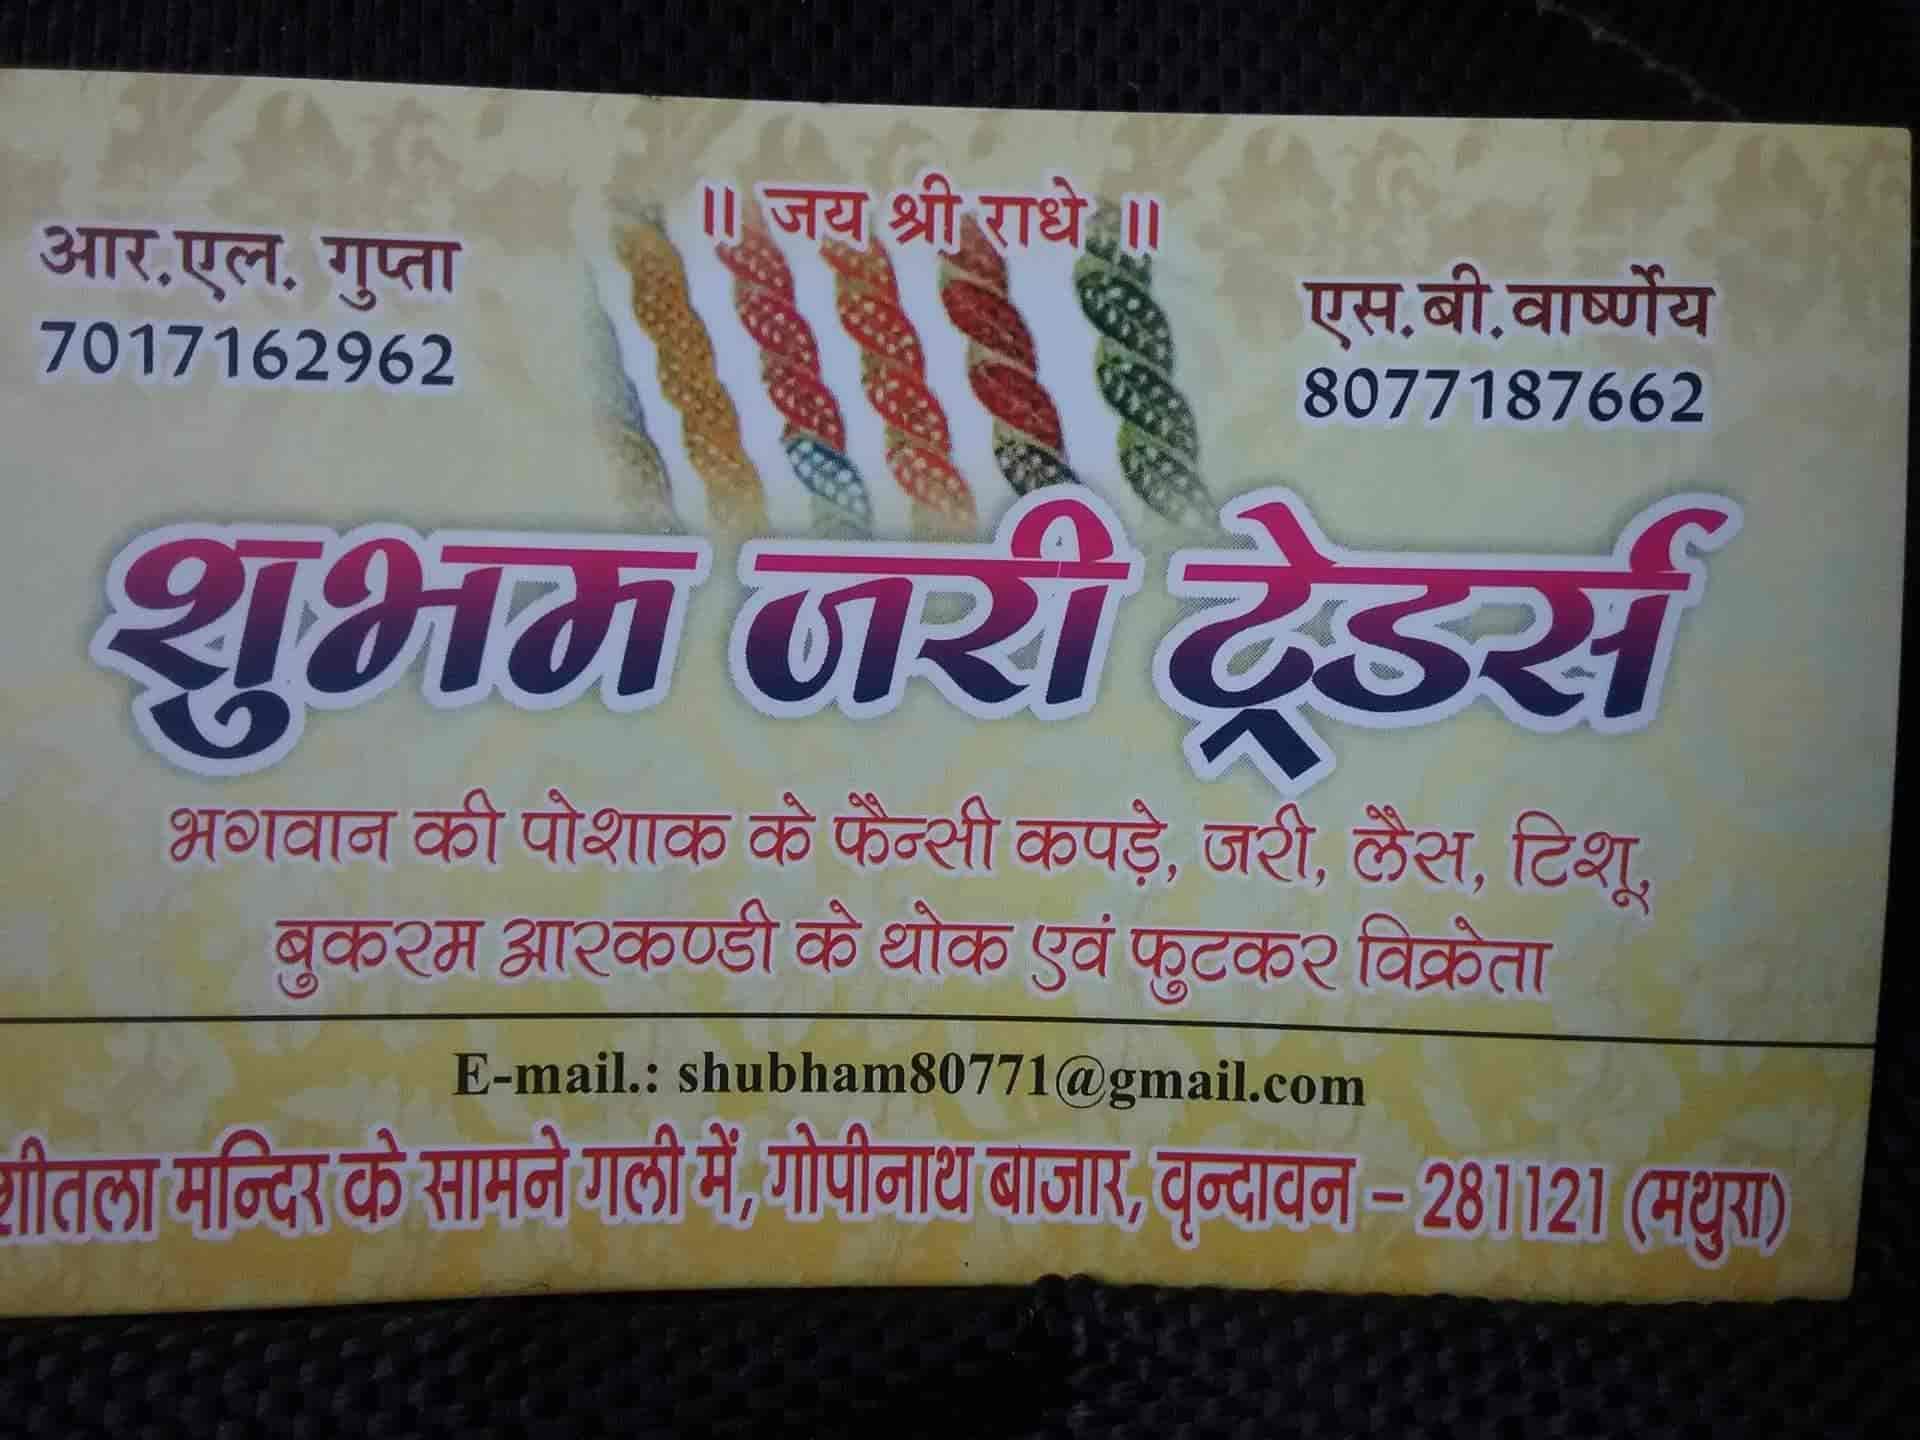 Baba Poshak Udyog, Vrindavan HO - Thread Wholesalers in